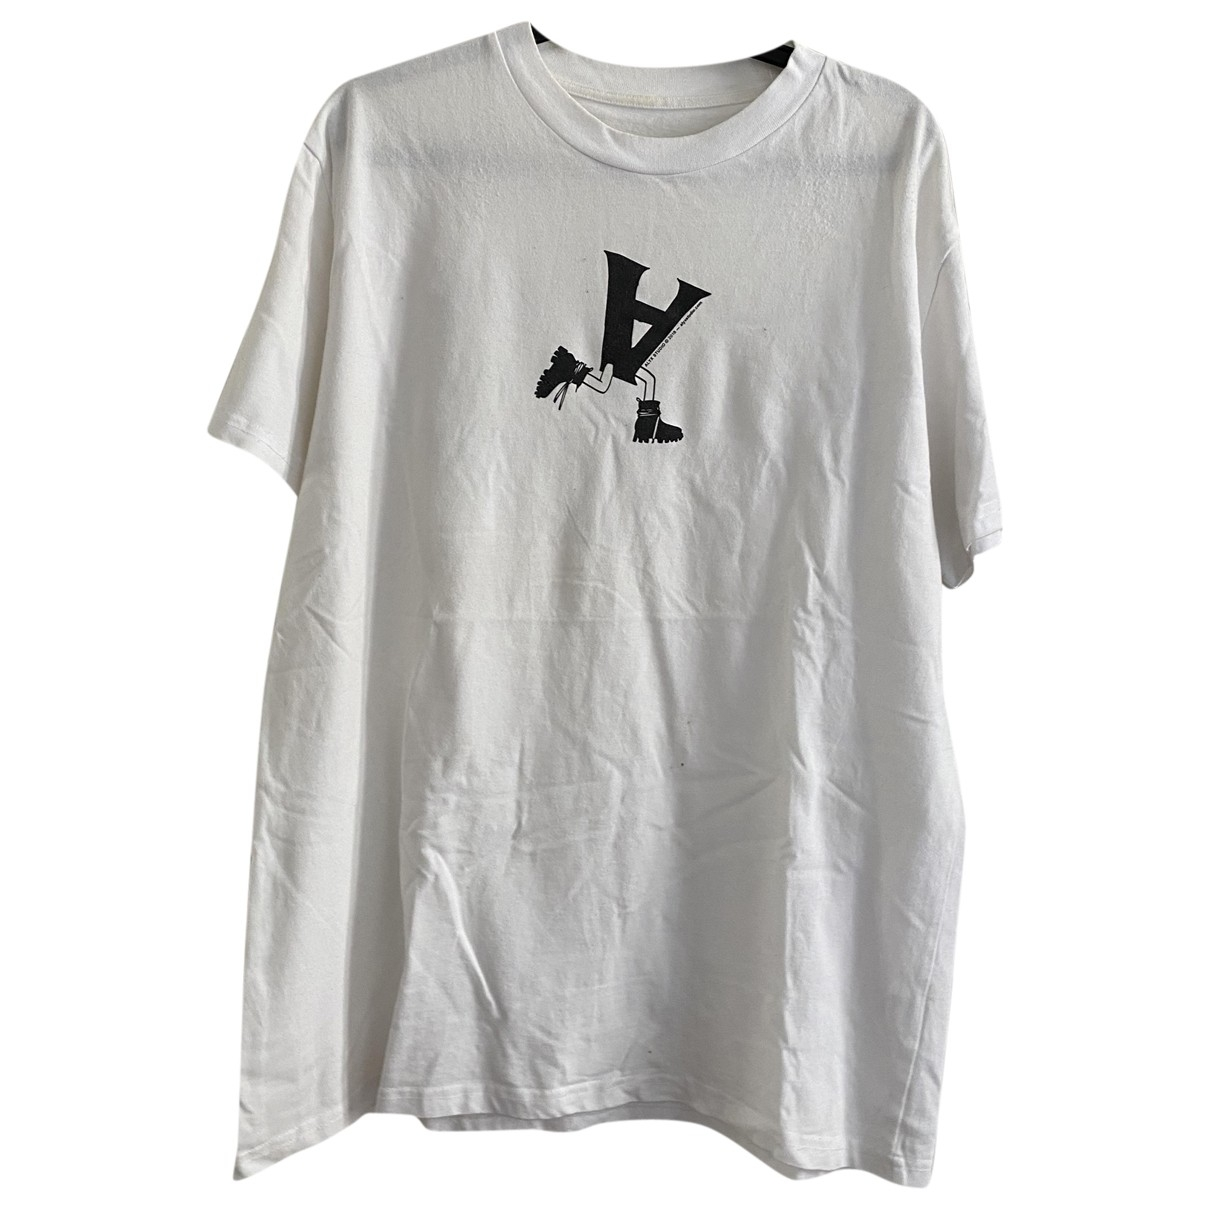 Alyx - Tee shirts   pour homme en coton - blanc